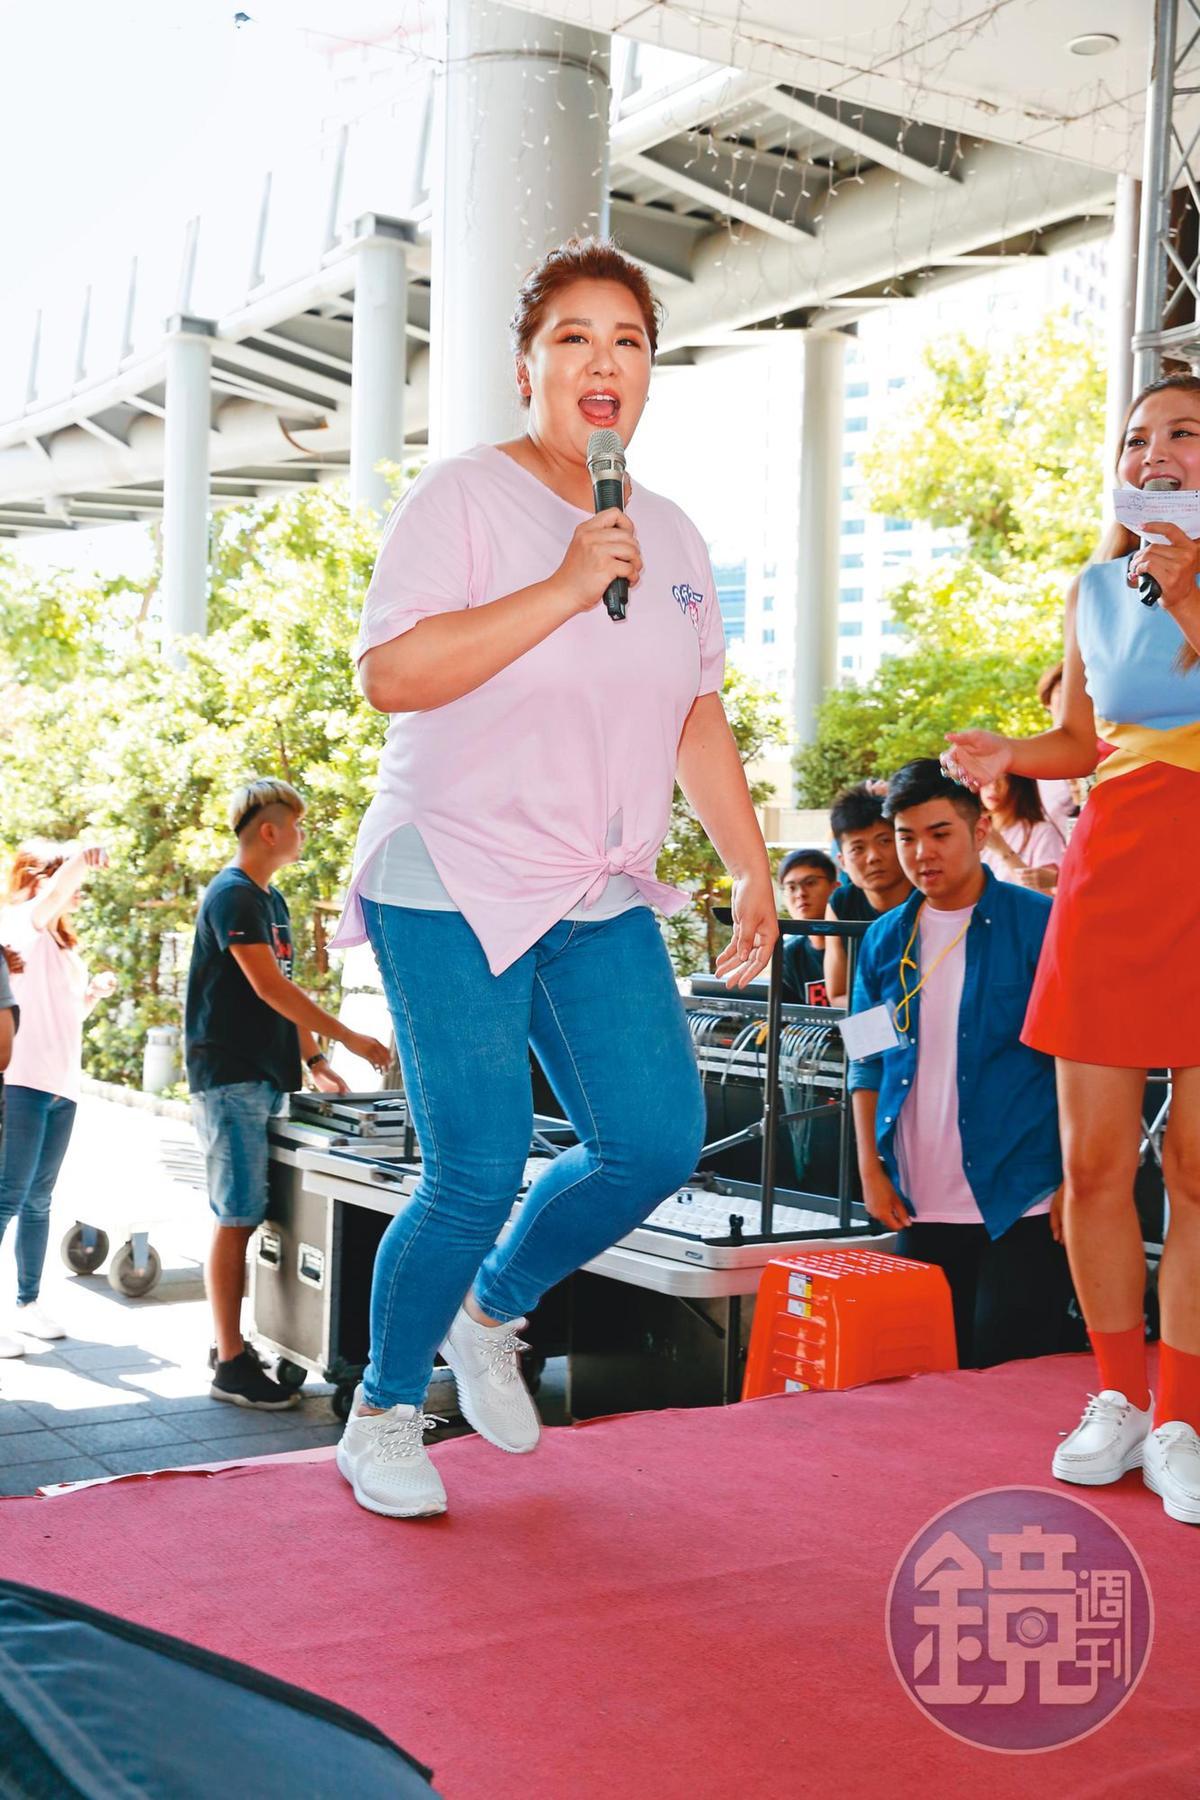 小禎半年神速瘦了40公斤,她聲稱自己是因為運動、飲食而瘦下。